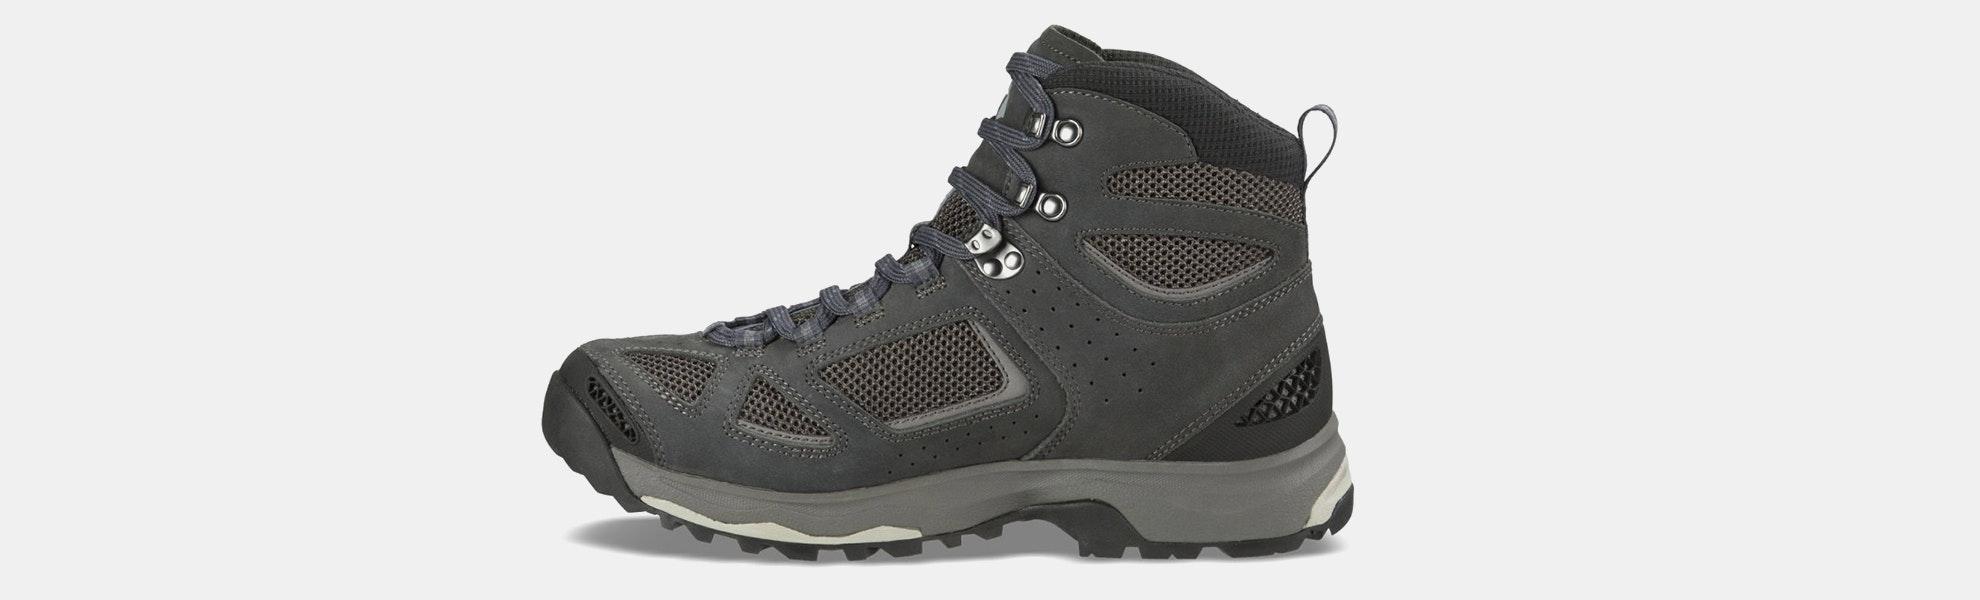 Vasque Breeze III & Breeze III GTX Hiking Boots